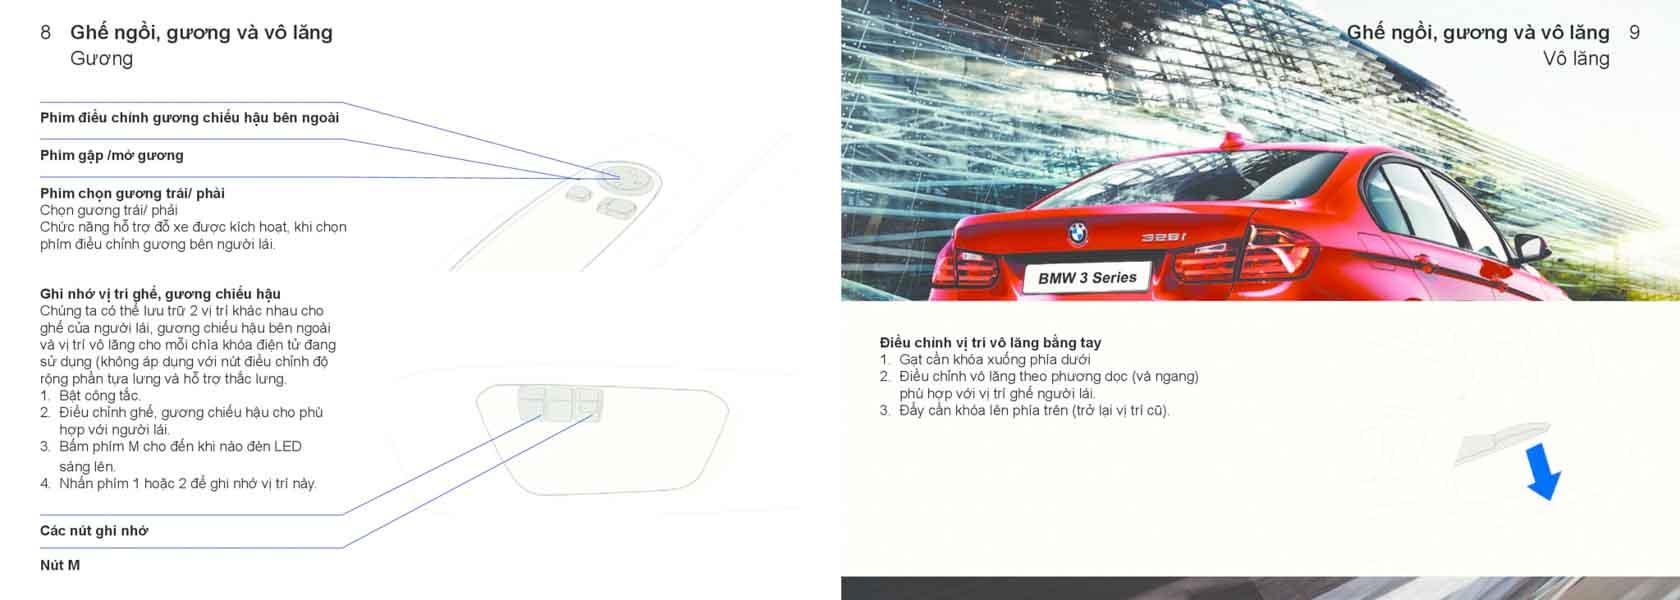 Gợi ý những việc kiểm tra bảo dưỡng xe đơn giản có thể làm tại nhà - 1